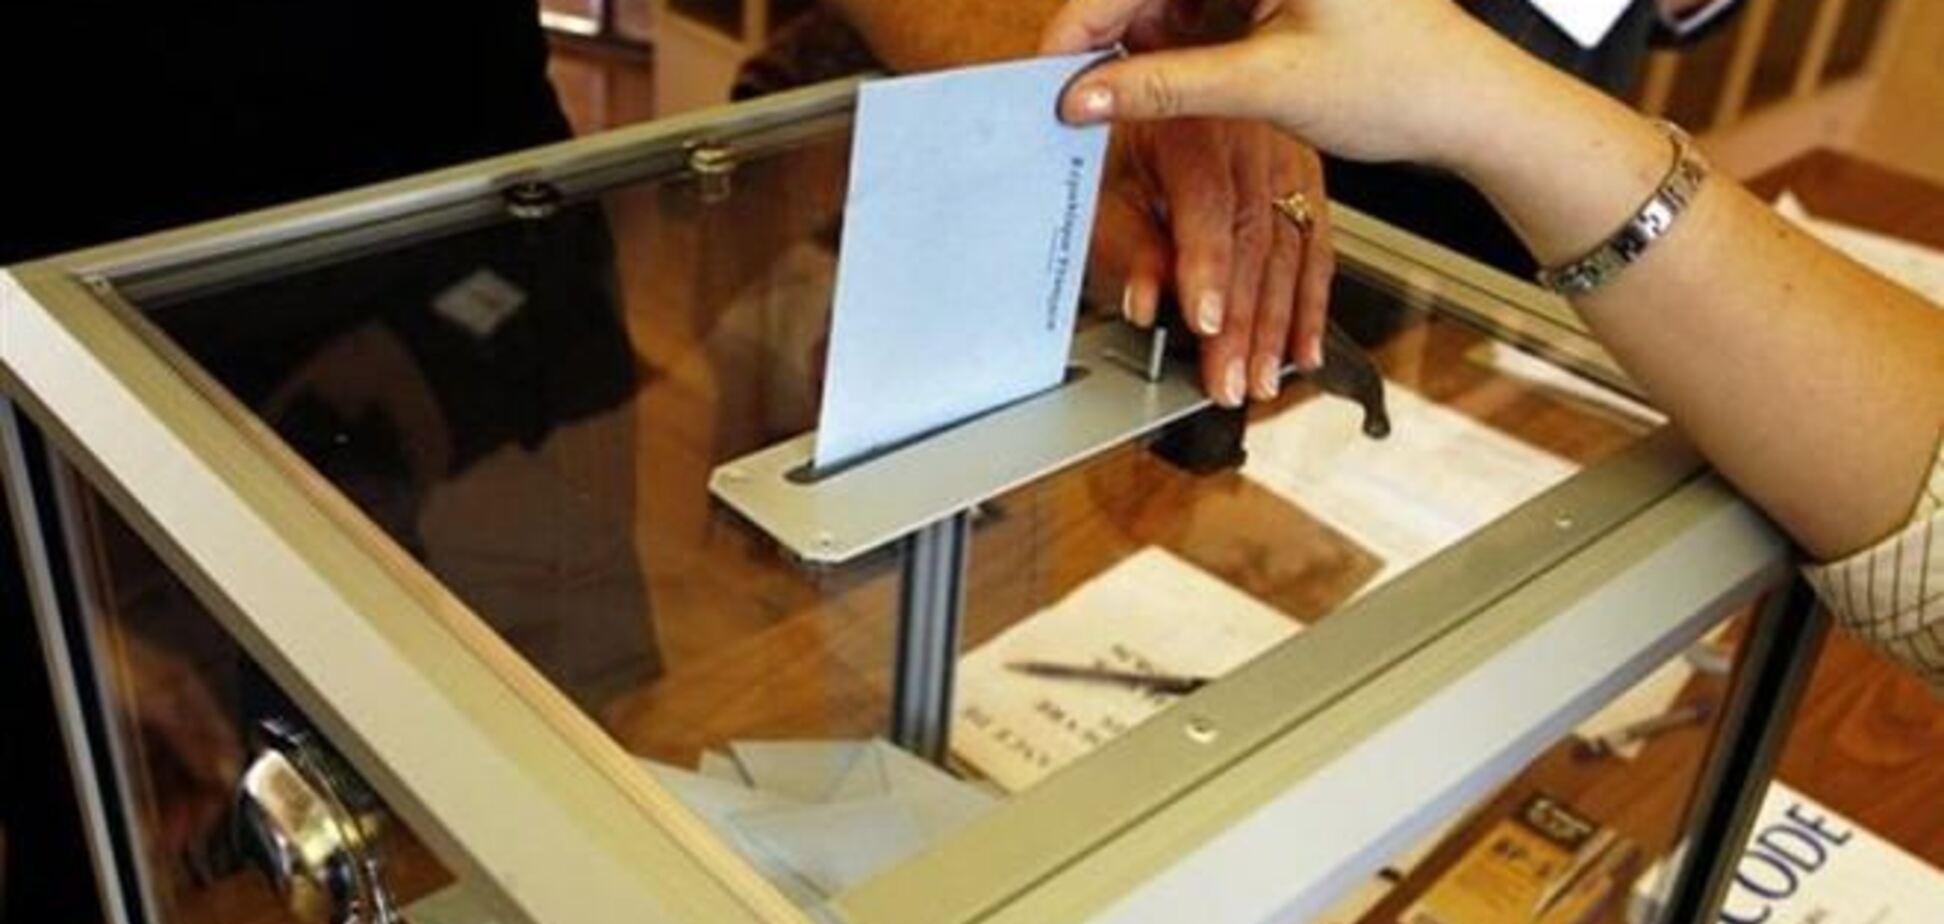 На Львовщине выборы были сорваны из-за отсутствия в бюджете 47 грн